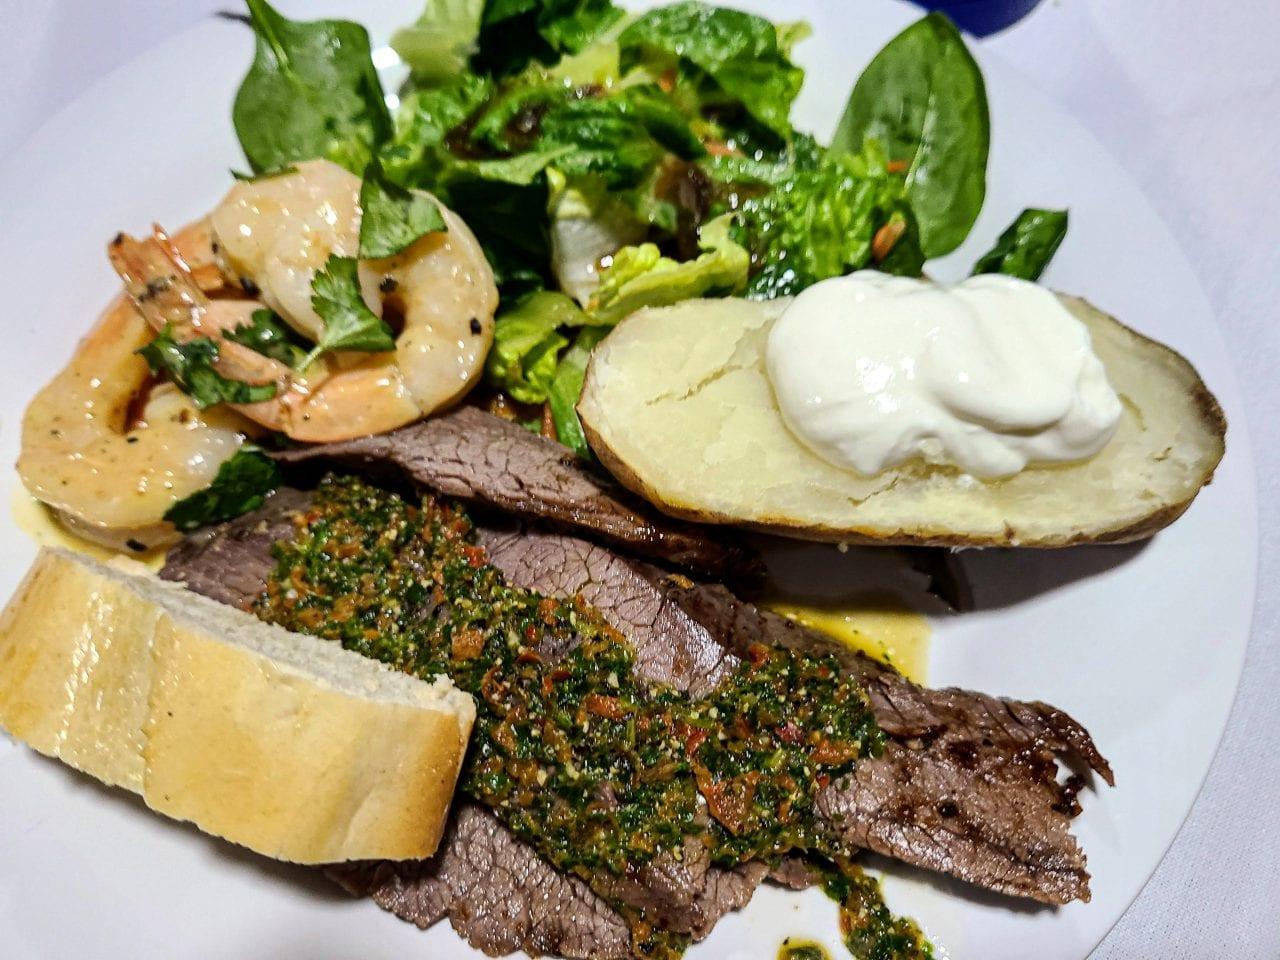 Flavorful and bold Chimichurri flank steak